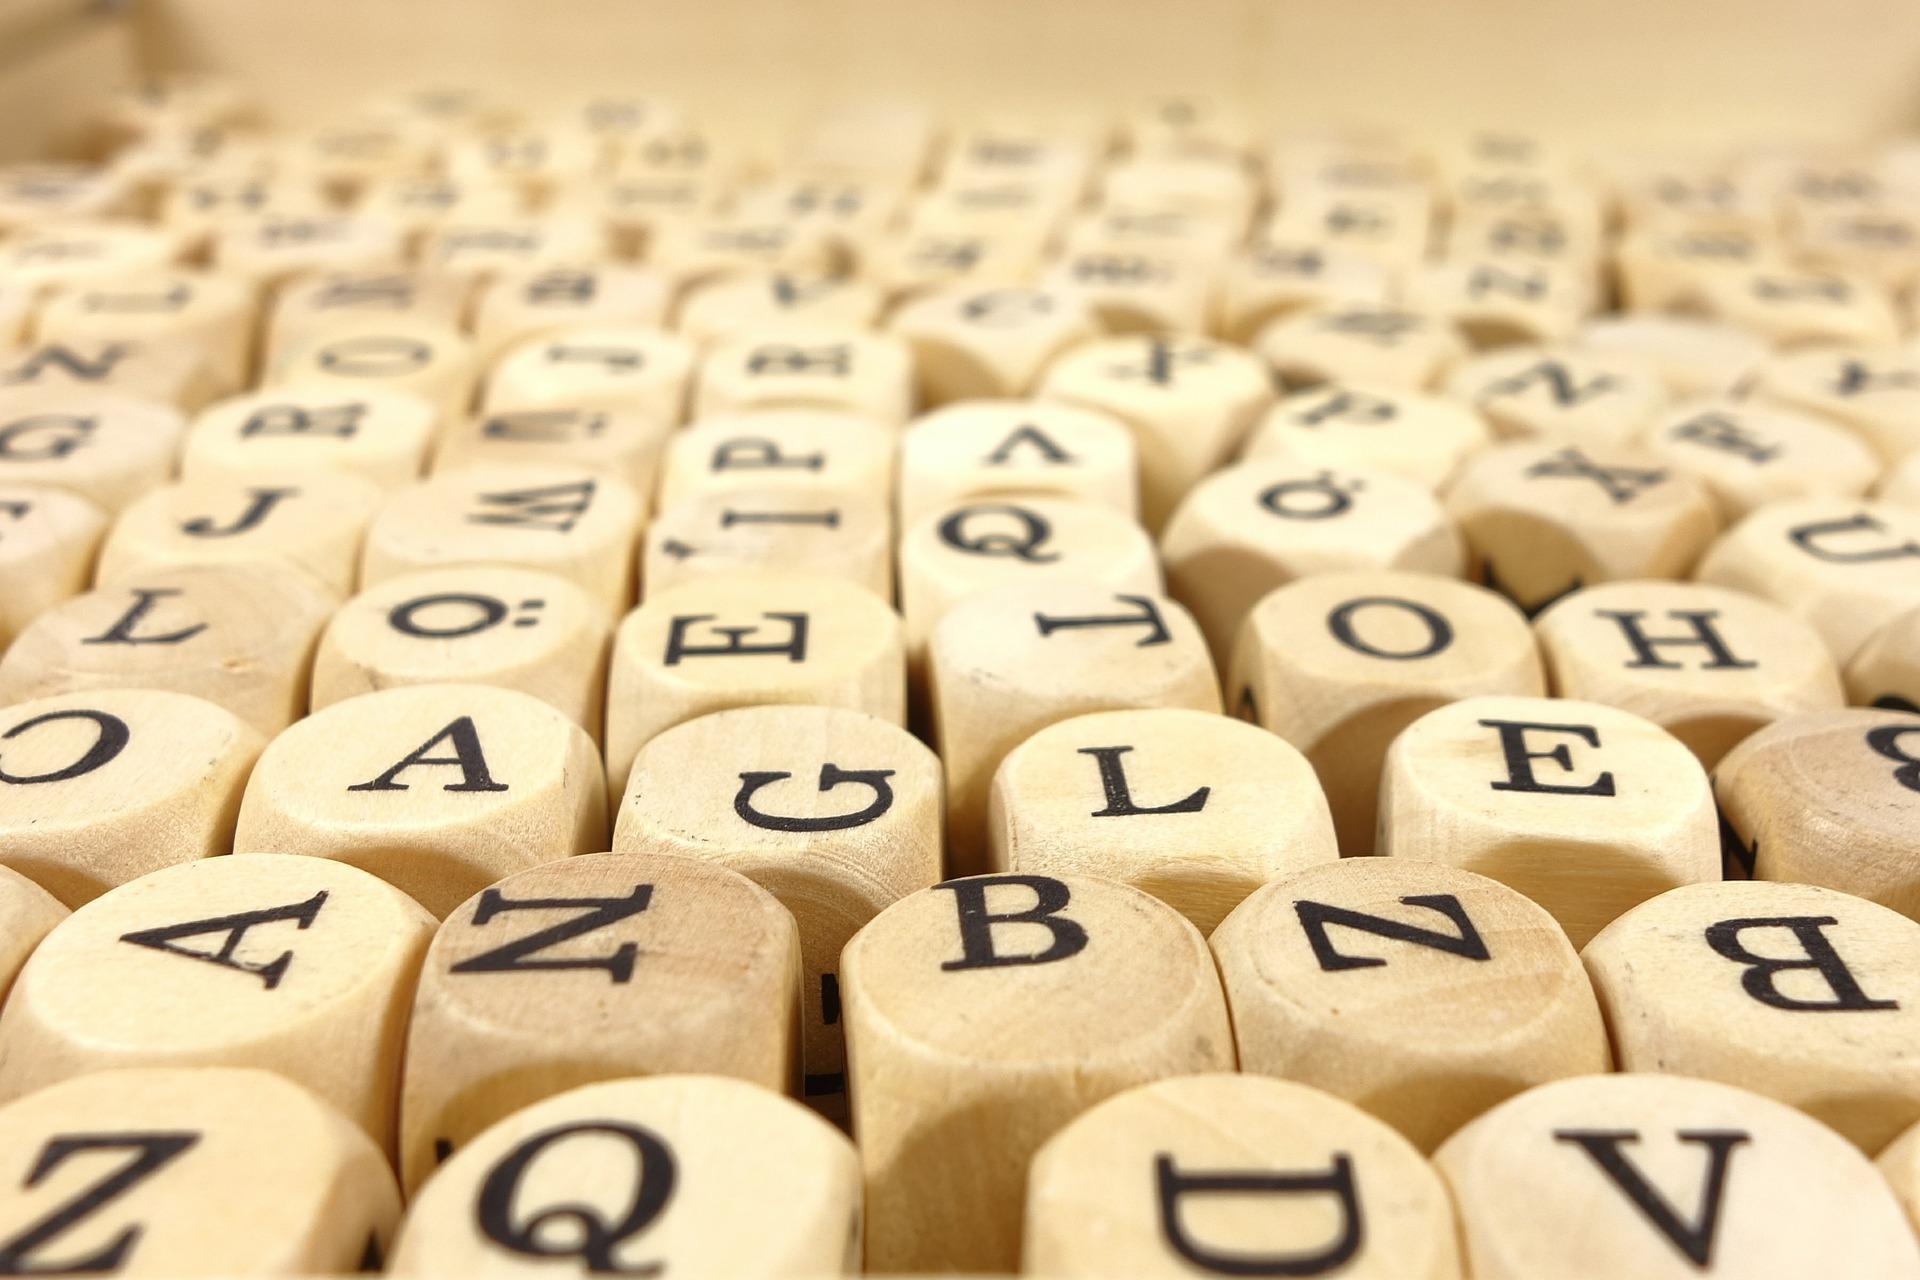 インドネシア語のアルファベットの発音